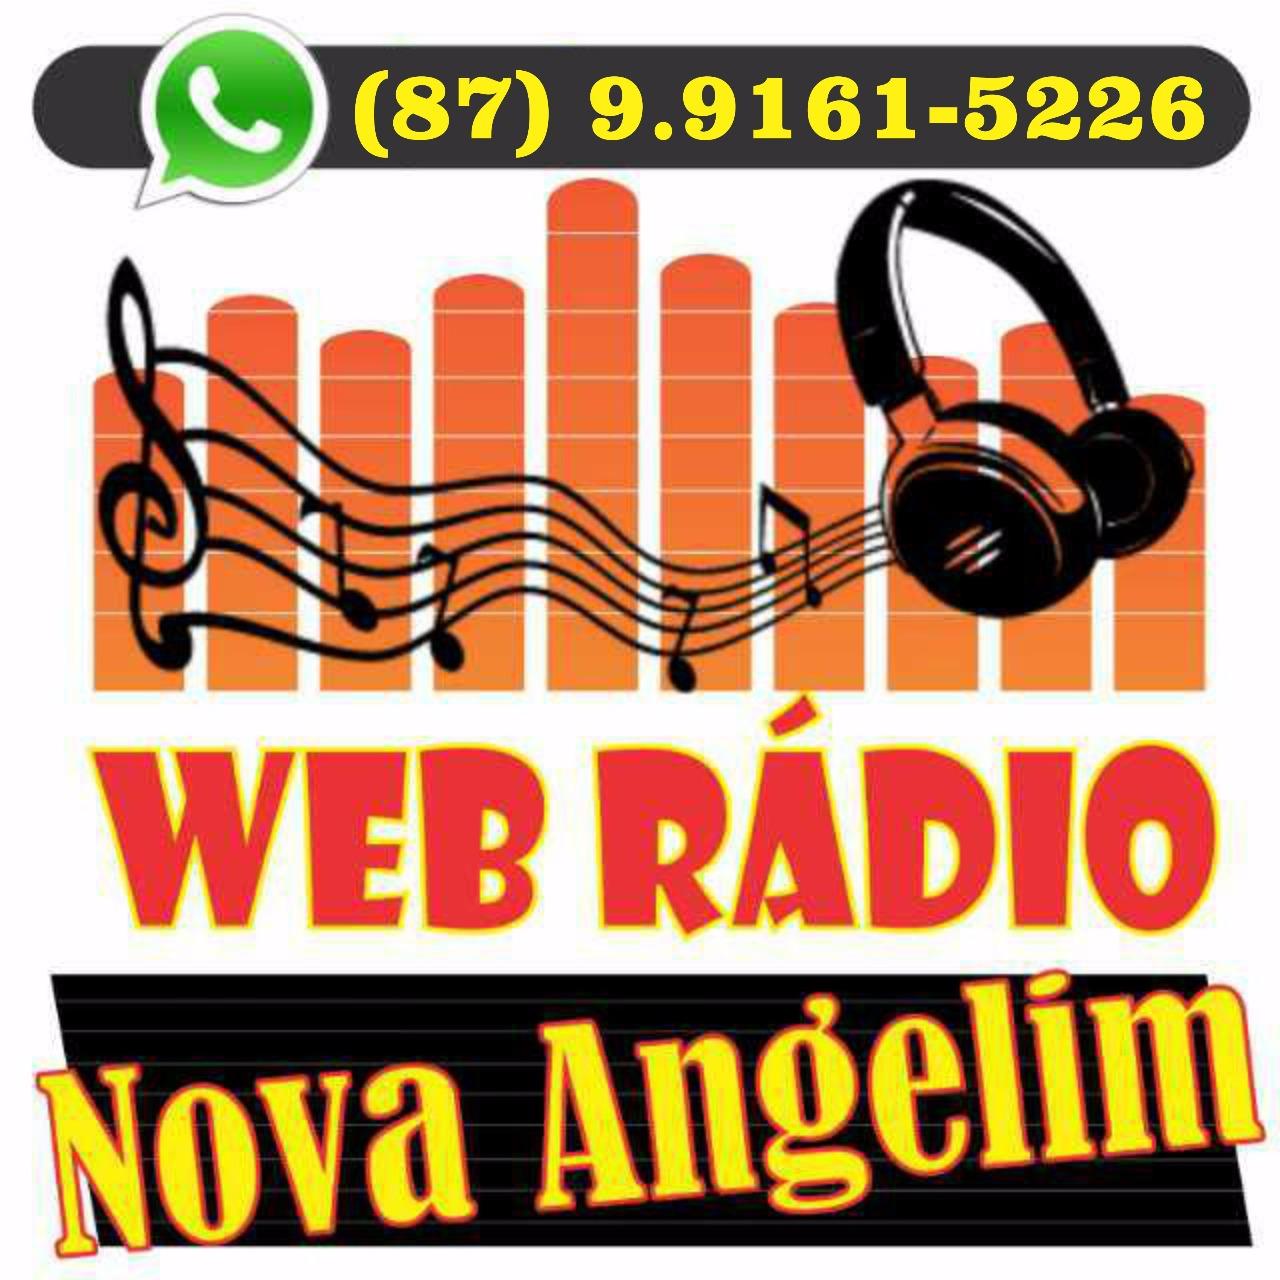 Clique e Esculte a Rádio Mais Feliz do Brasil